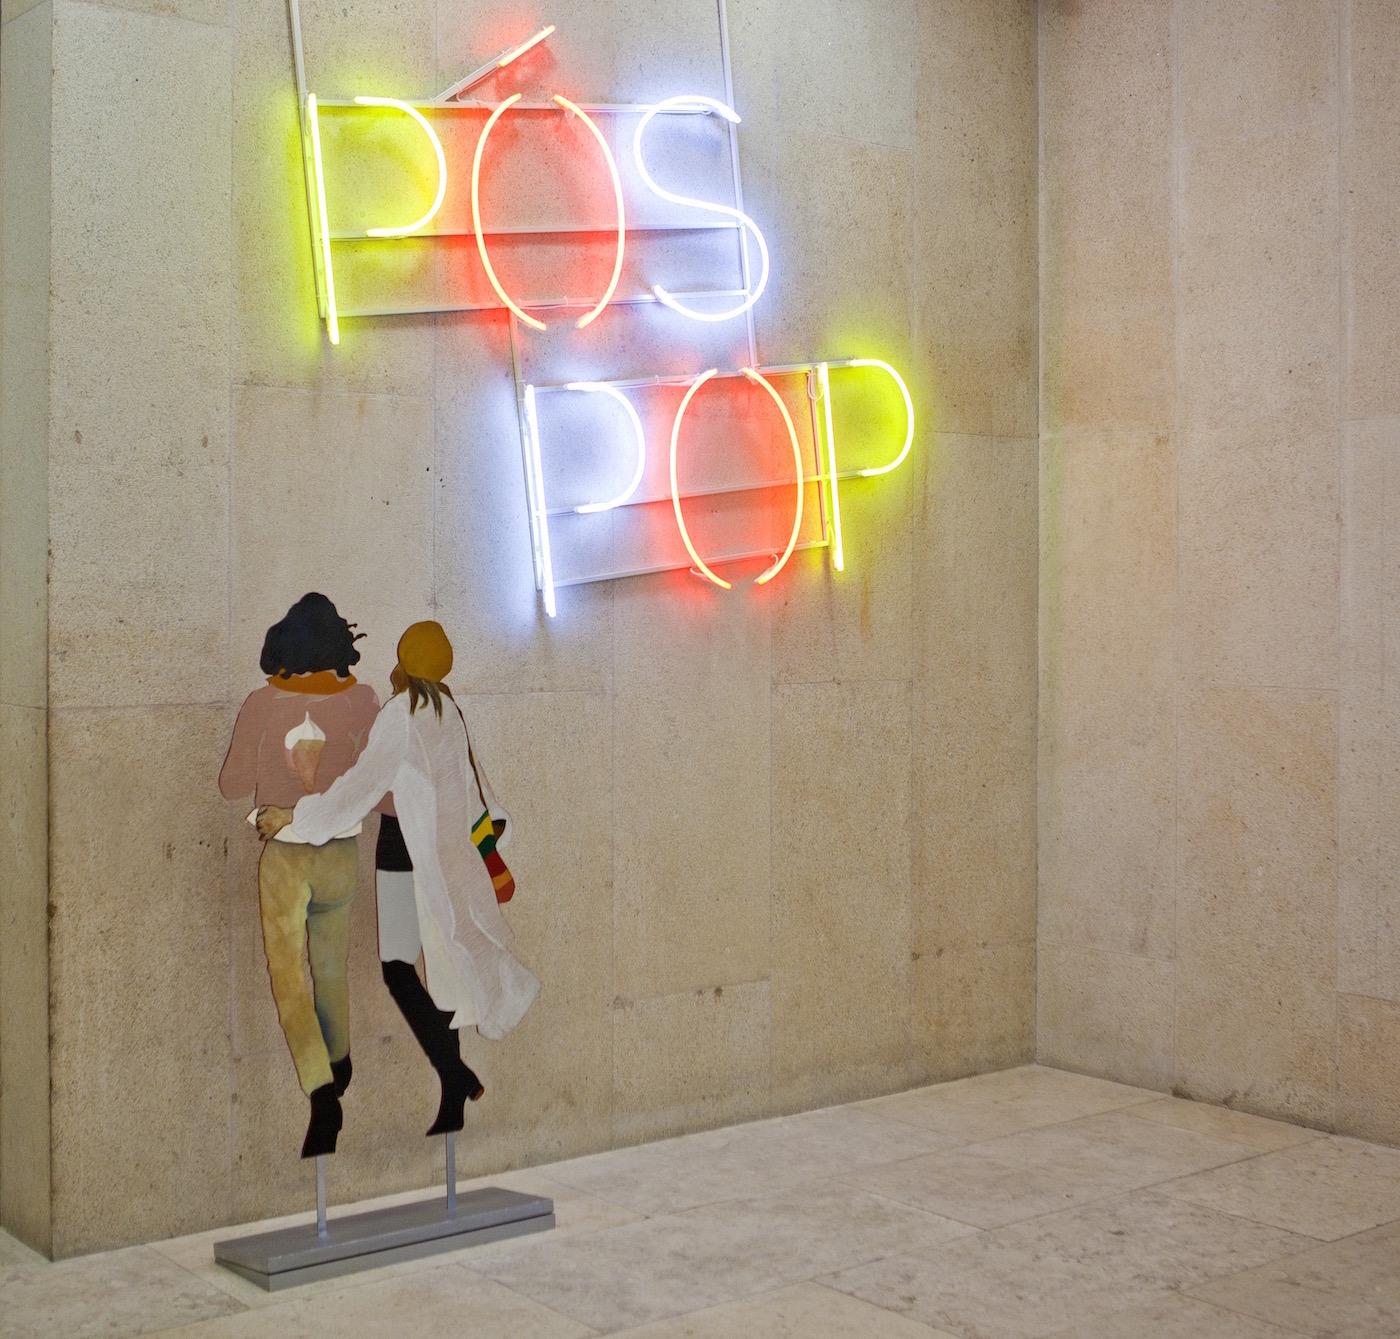 67129_Pós-Pop. Fora do lugar-comum_ aspetos da exposição.jpg